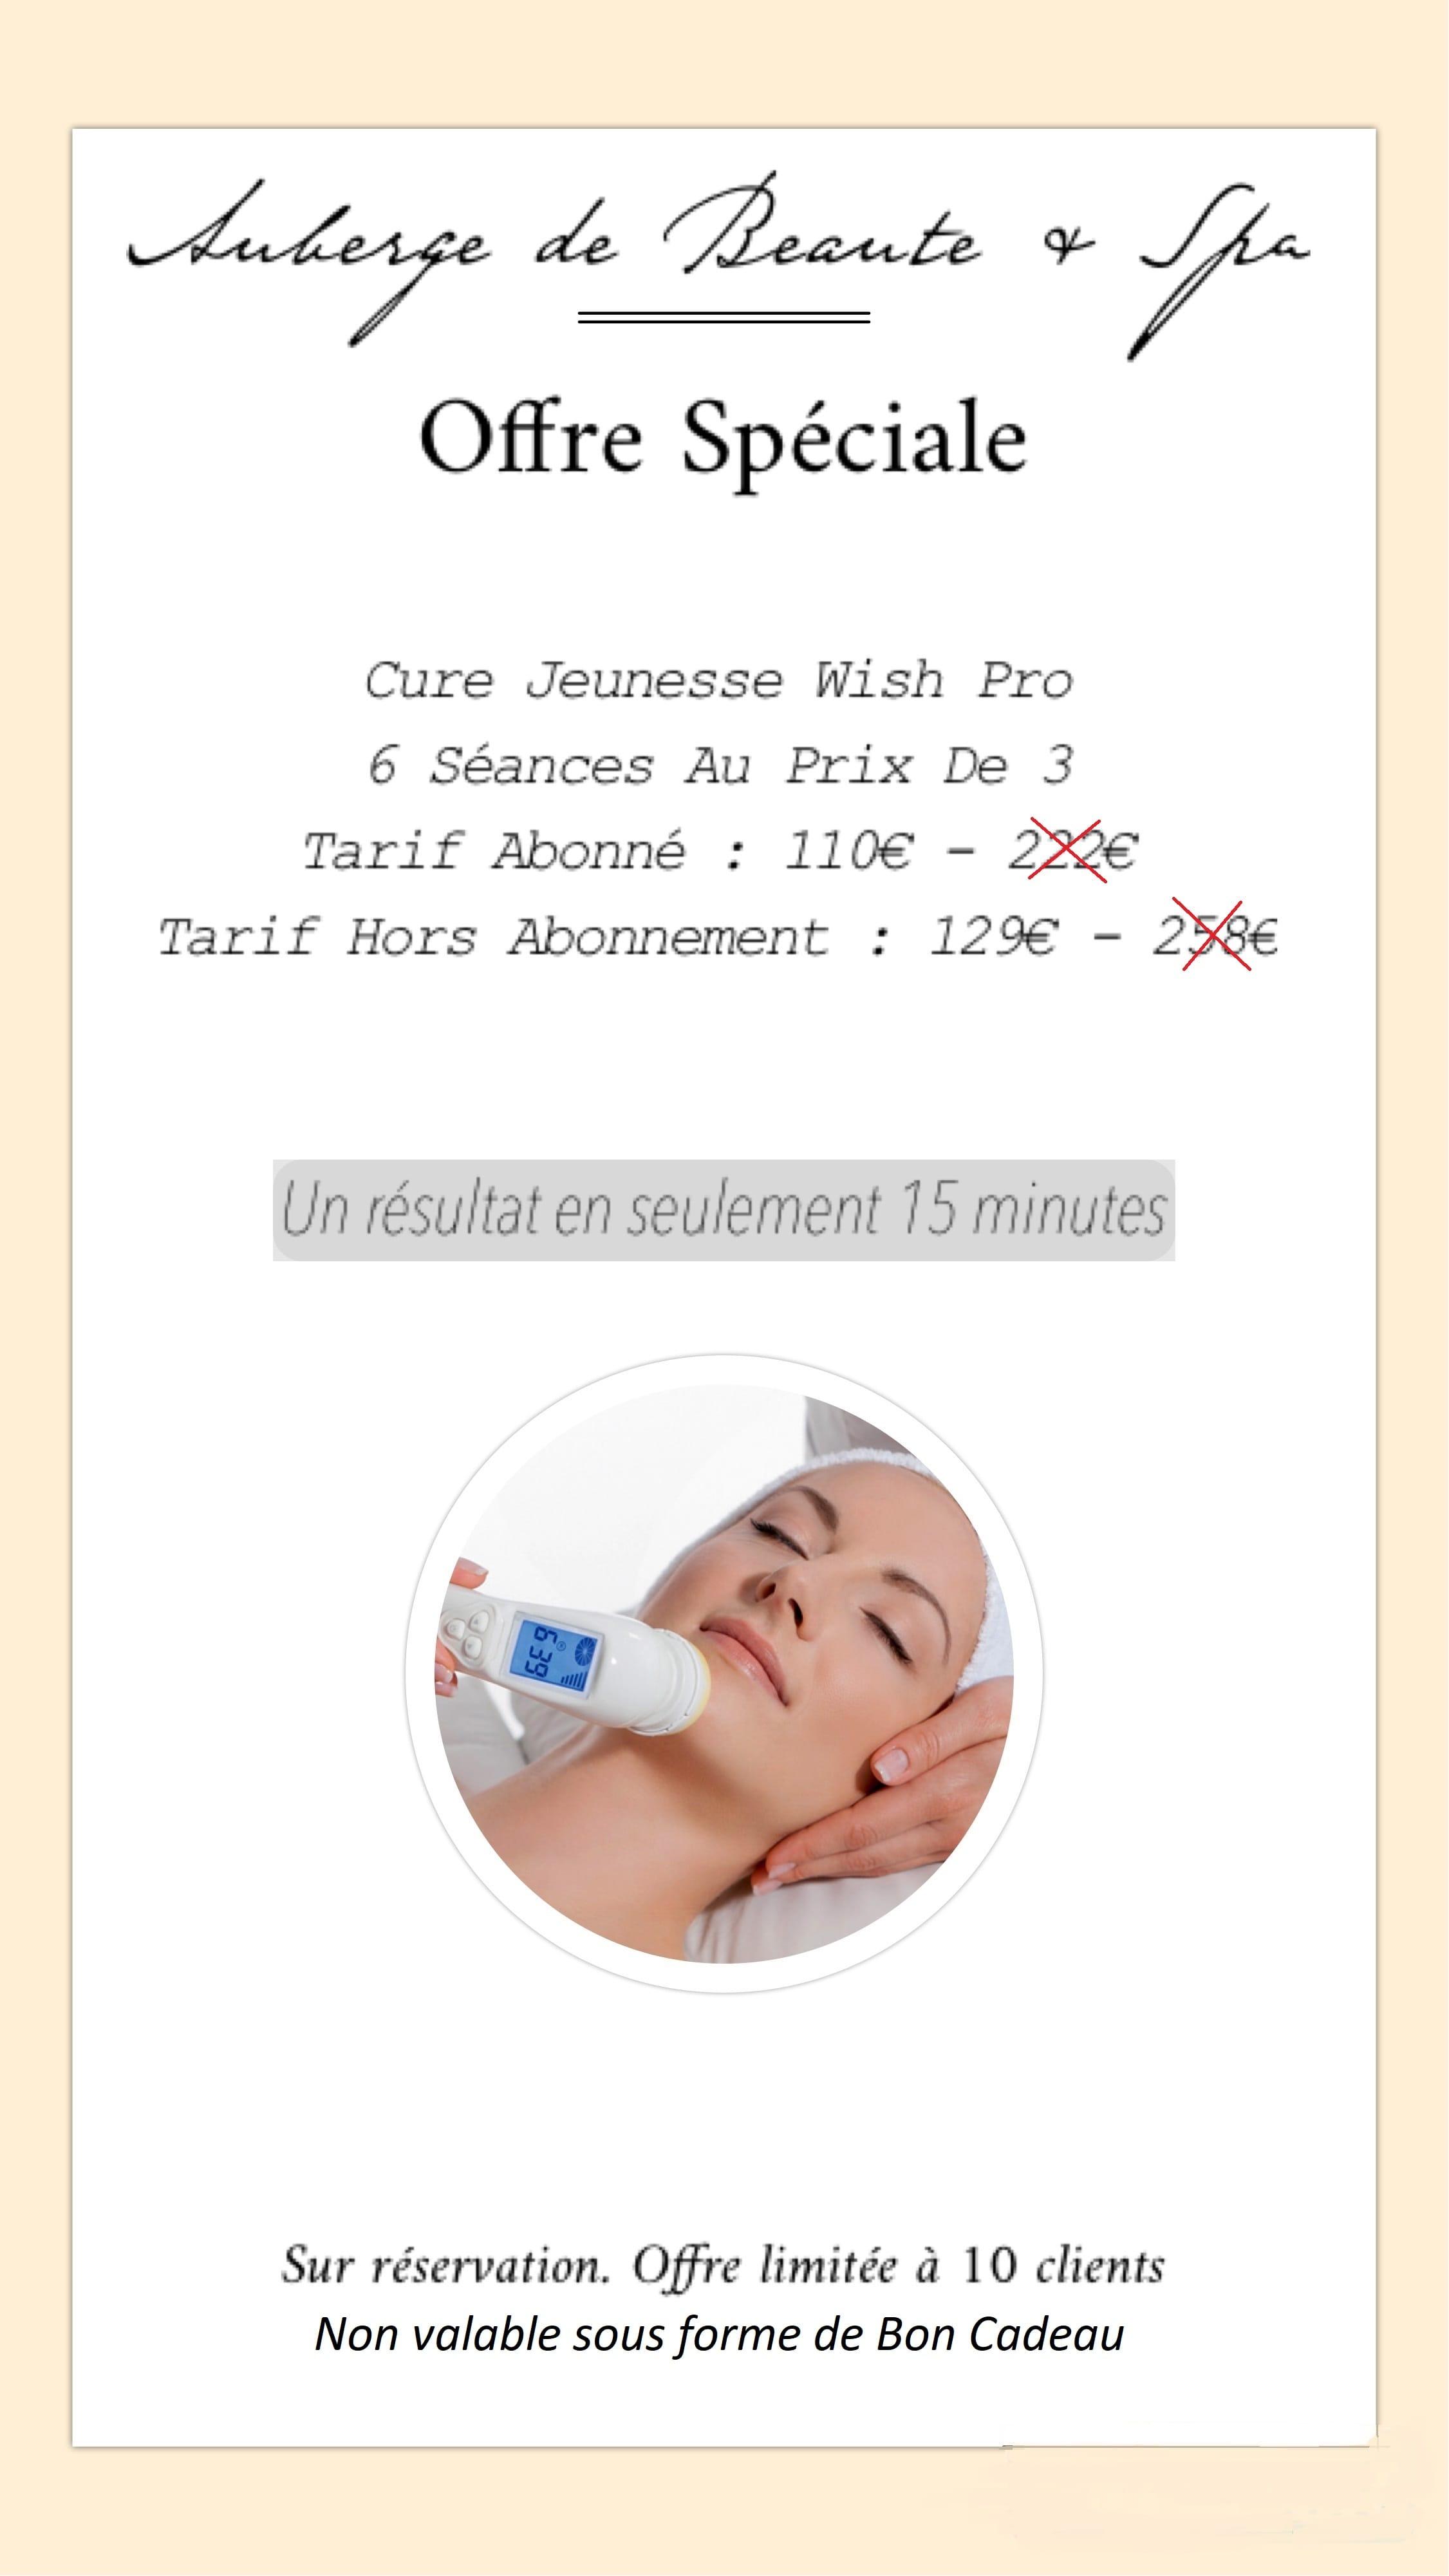 L 39 offre du mois auberge de beaut spa - Auberge de beaute et spa salon de provence ...